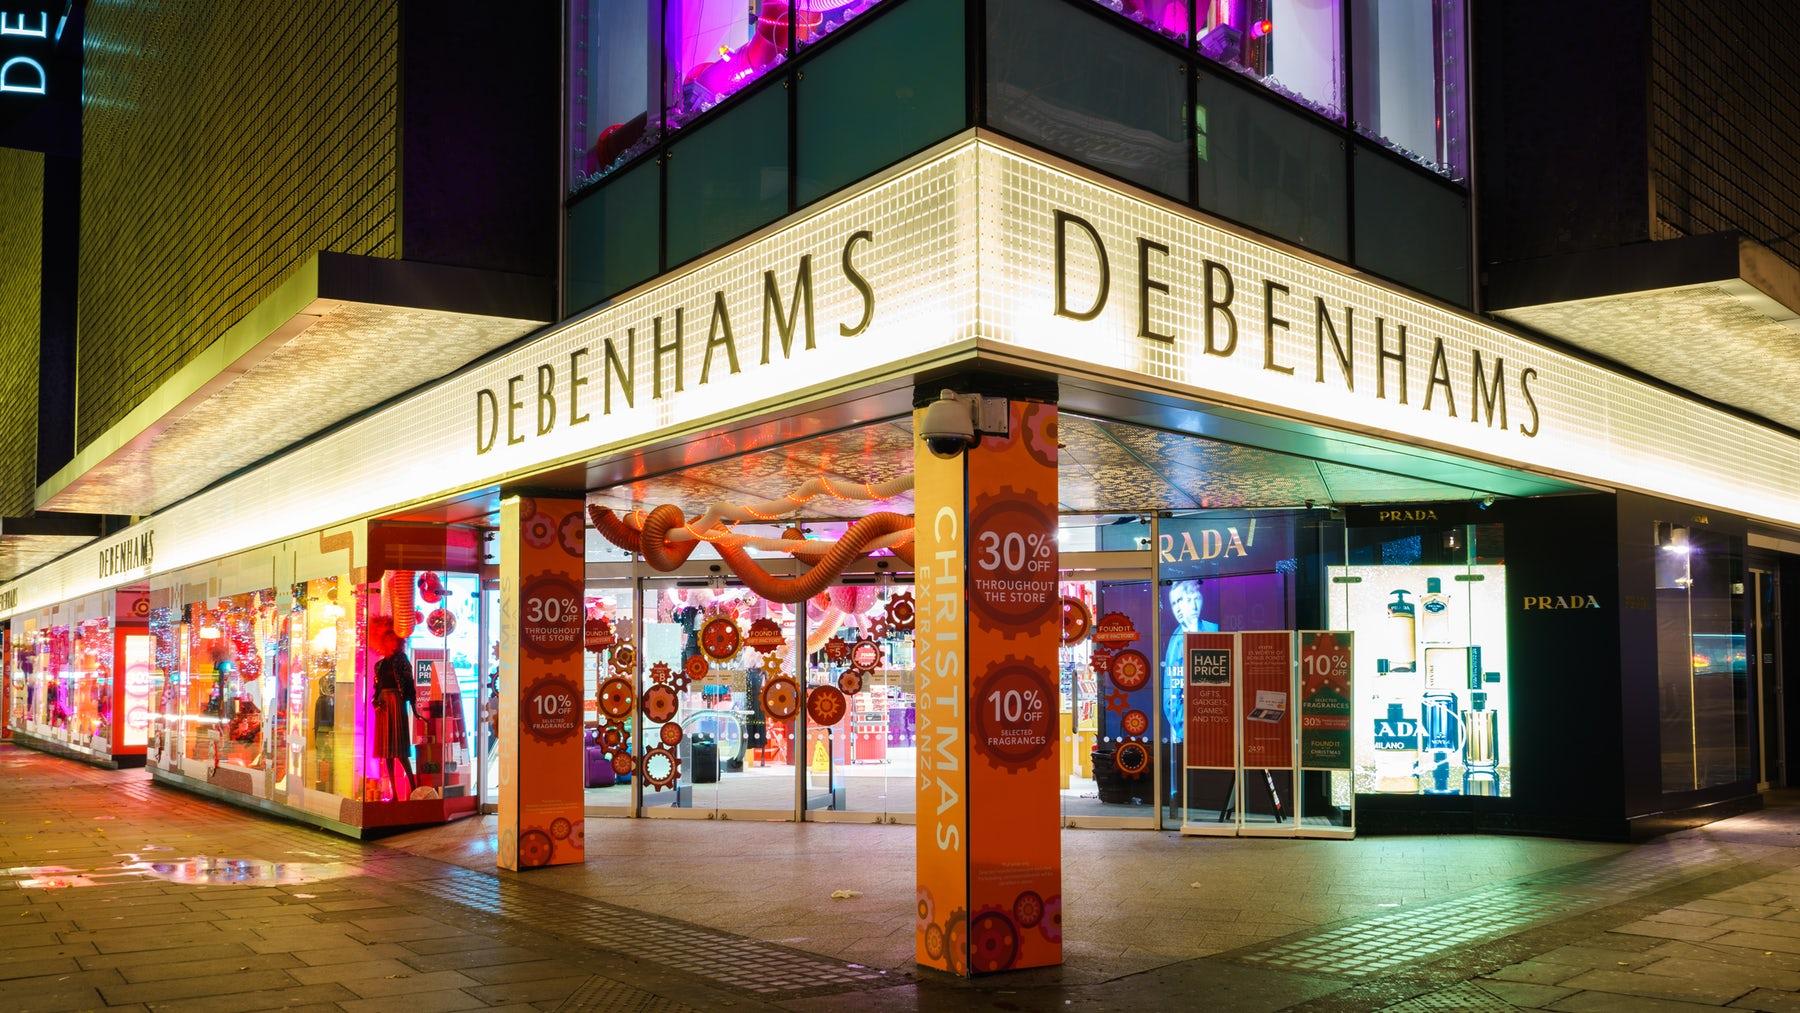 Debenhams store | Source: Shutterstock